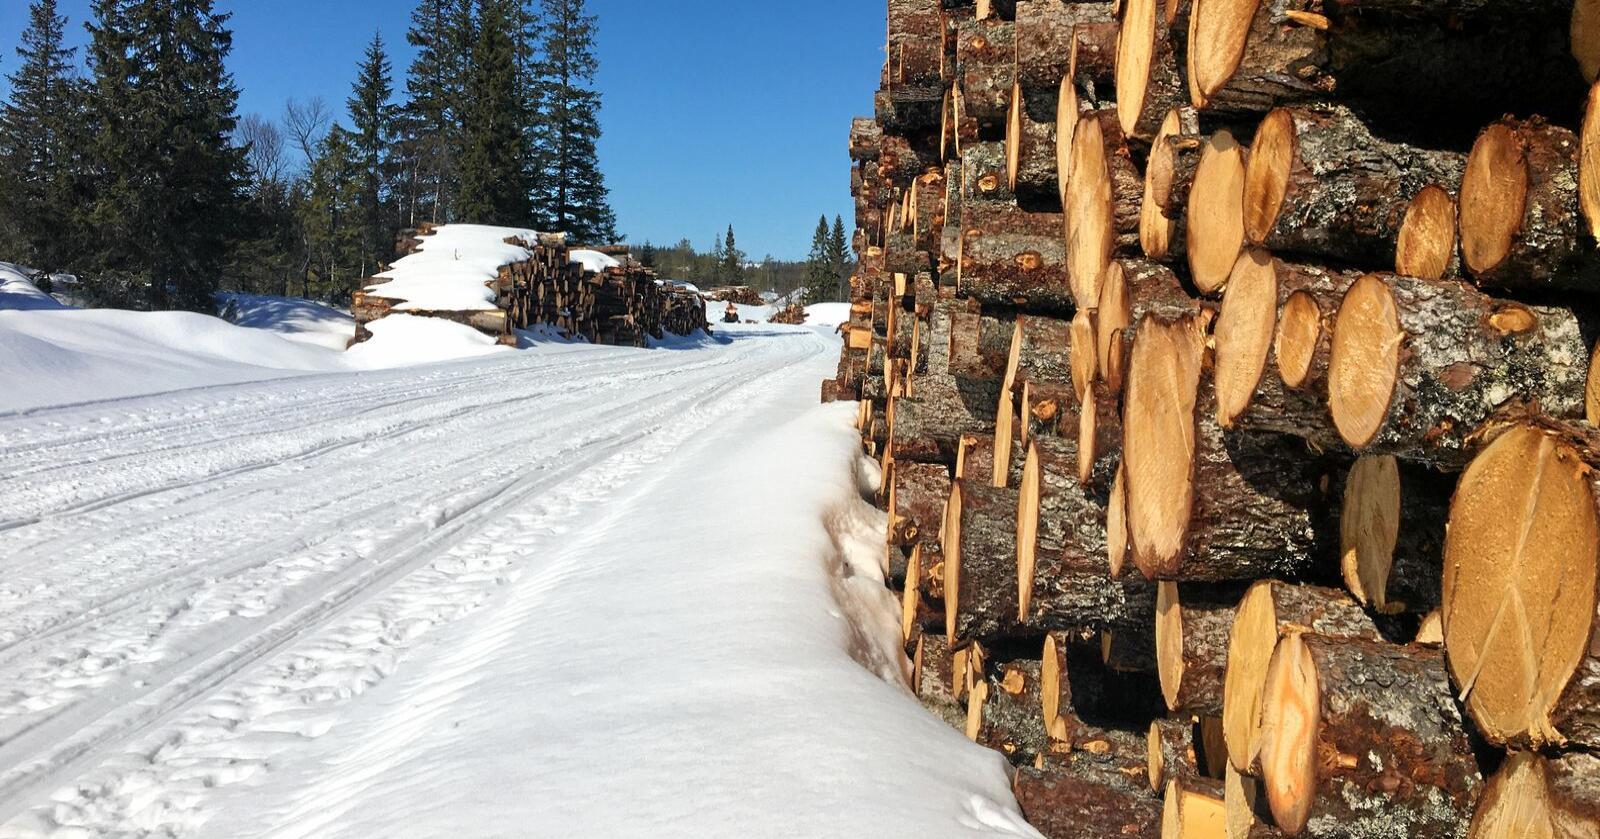 Norsk tresukker kan erstatte 70.000 tonn importert sukker. Illustrasjonsfoto: Hans Bårdsgård